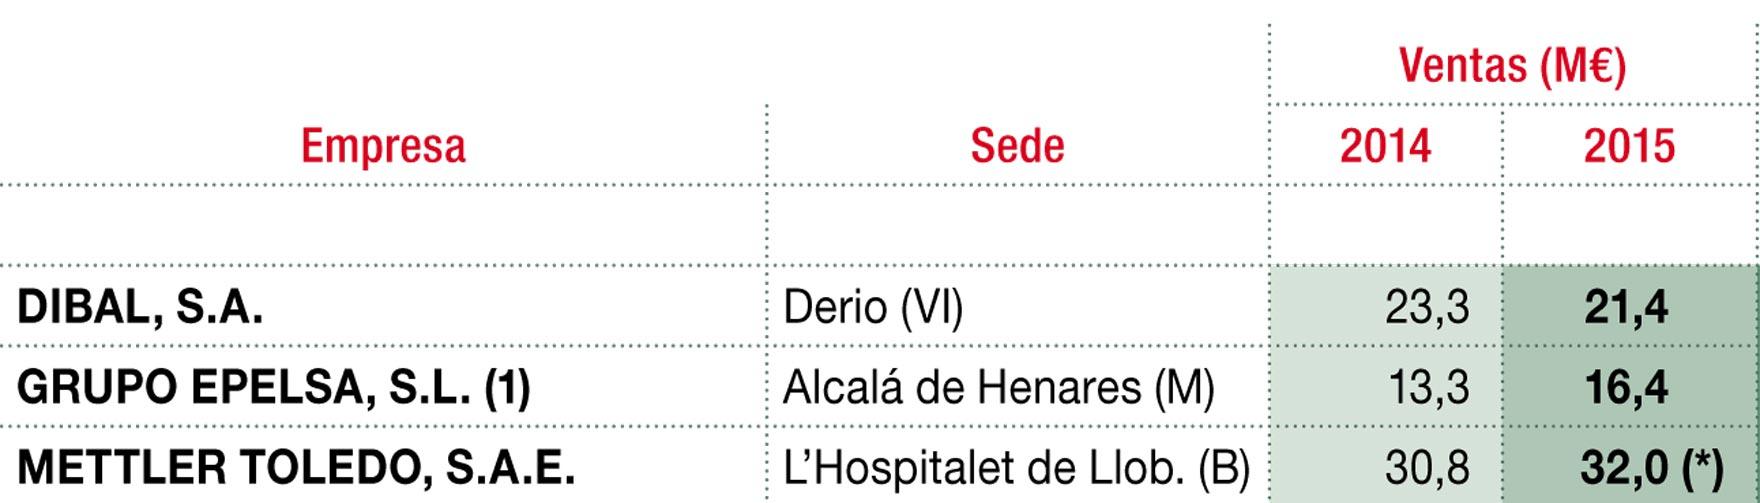 Principales empresas de balanzas comerciales (M€)